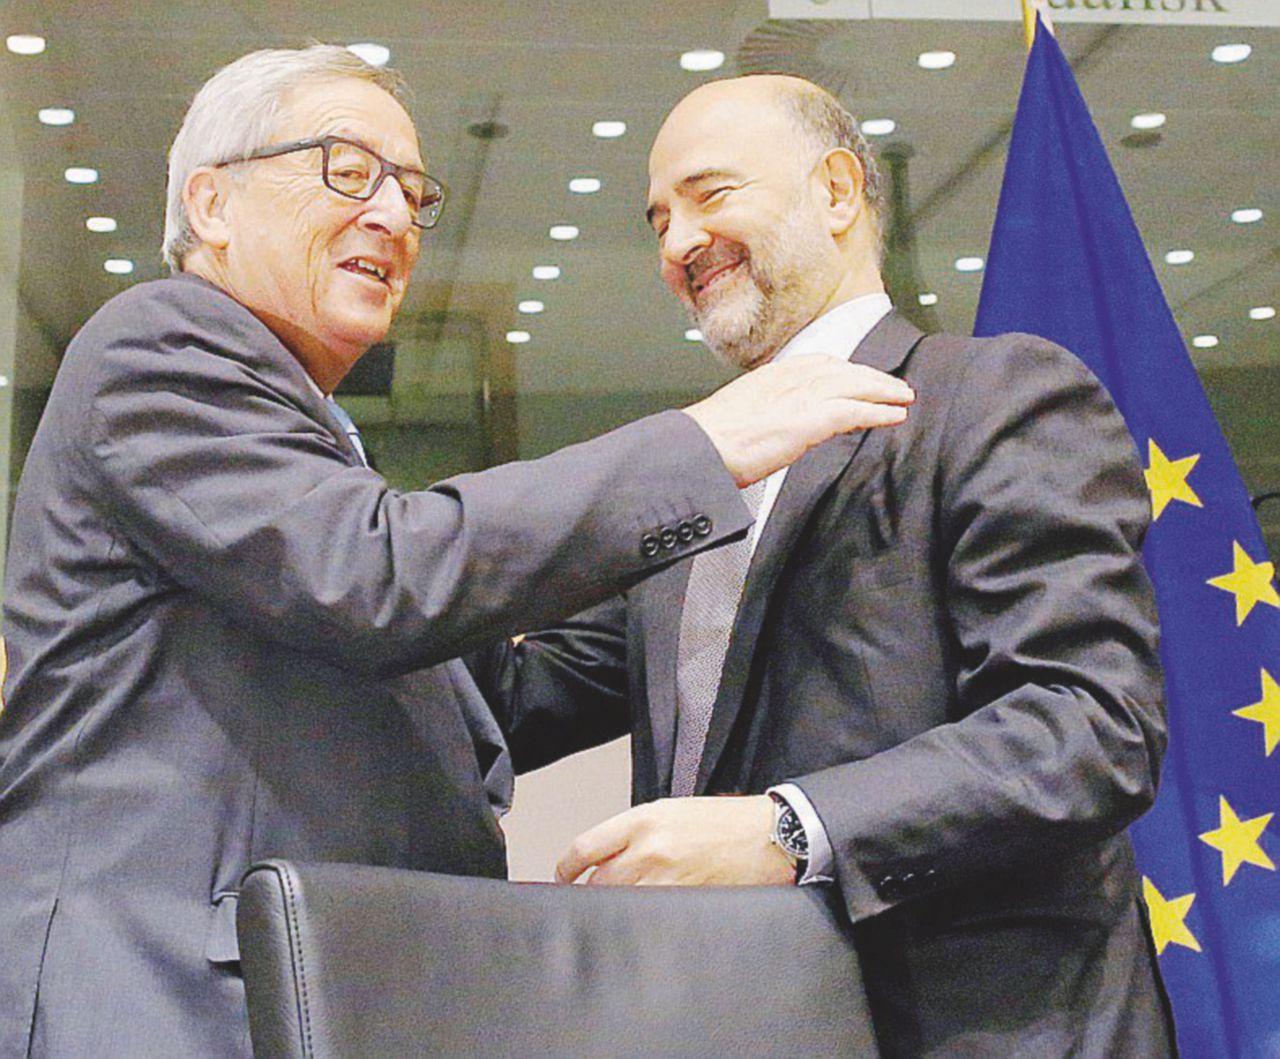 Niente taglio al deficit nel 2018: così l'Italia rischia la manovra correttiva da 5 miliardi